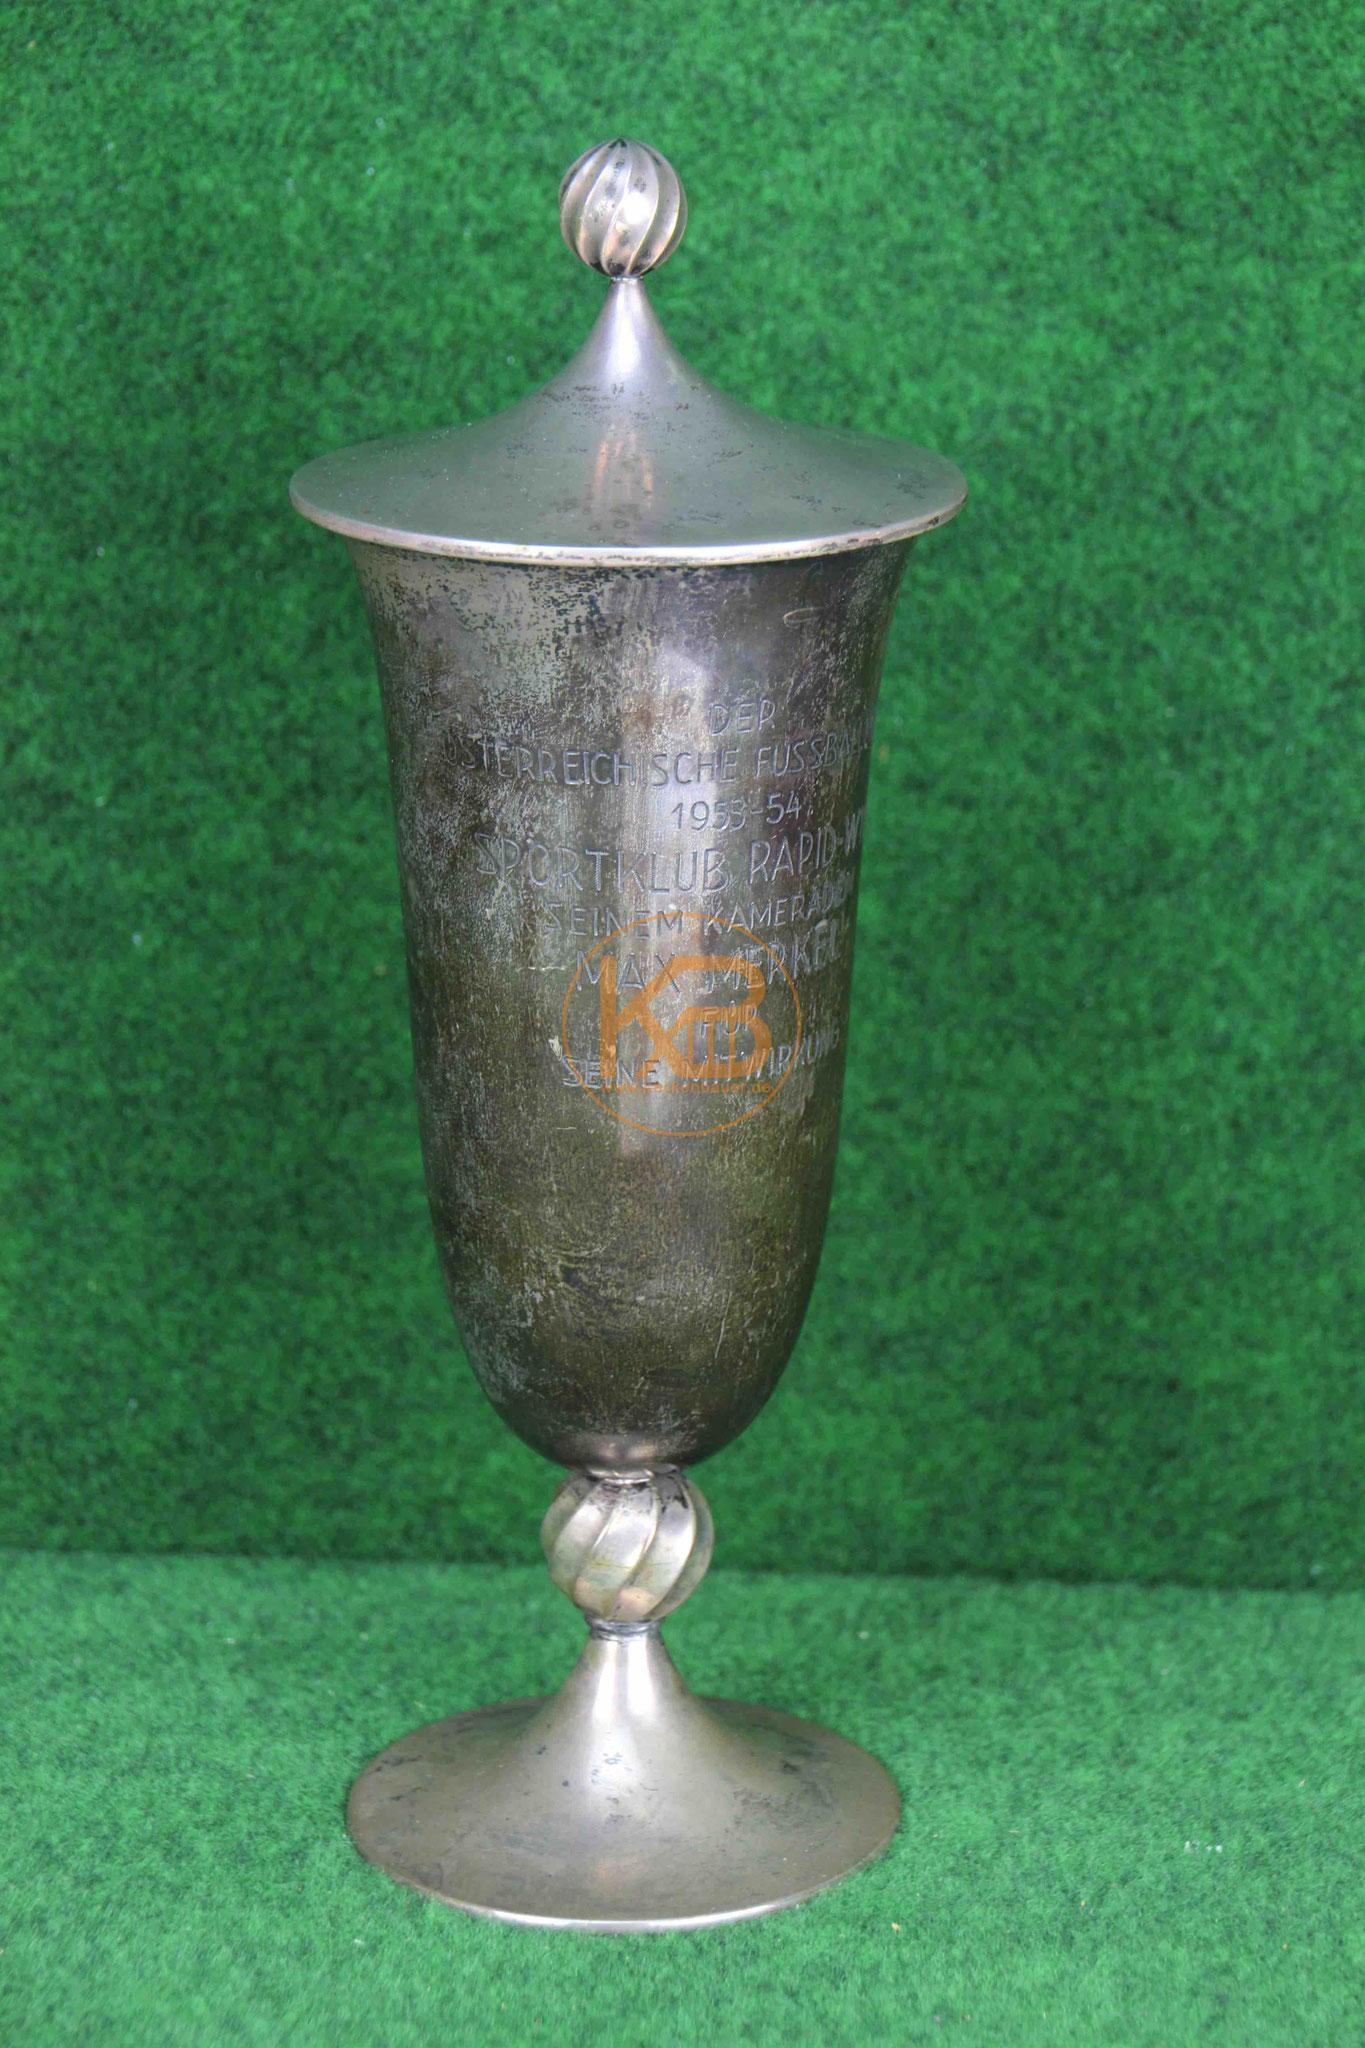 Ein Pokal, den Max Merkel für seine Verdienste bei der Meisterschaft mit Rapid Wien 1953/54 erhalten hat. 1/2